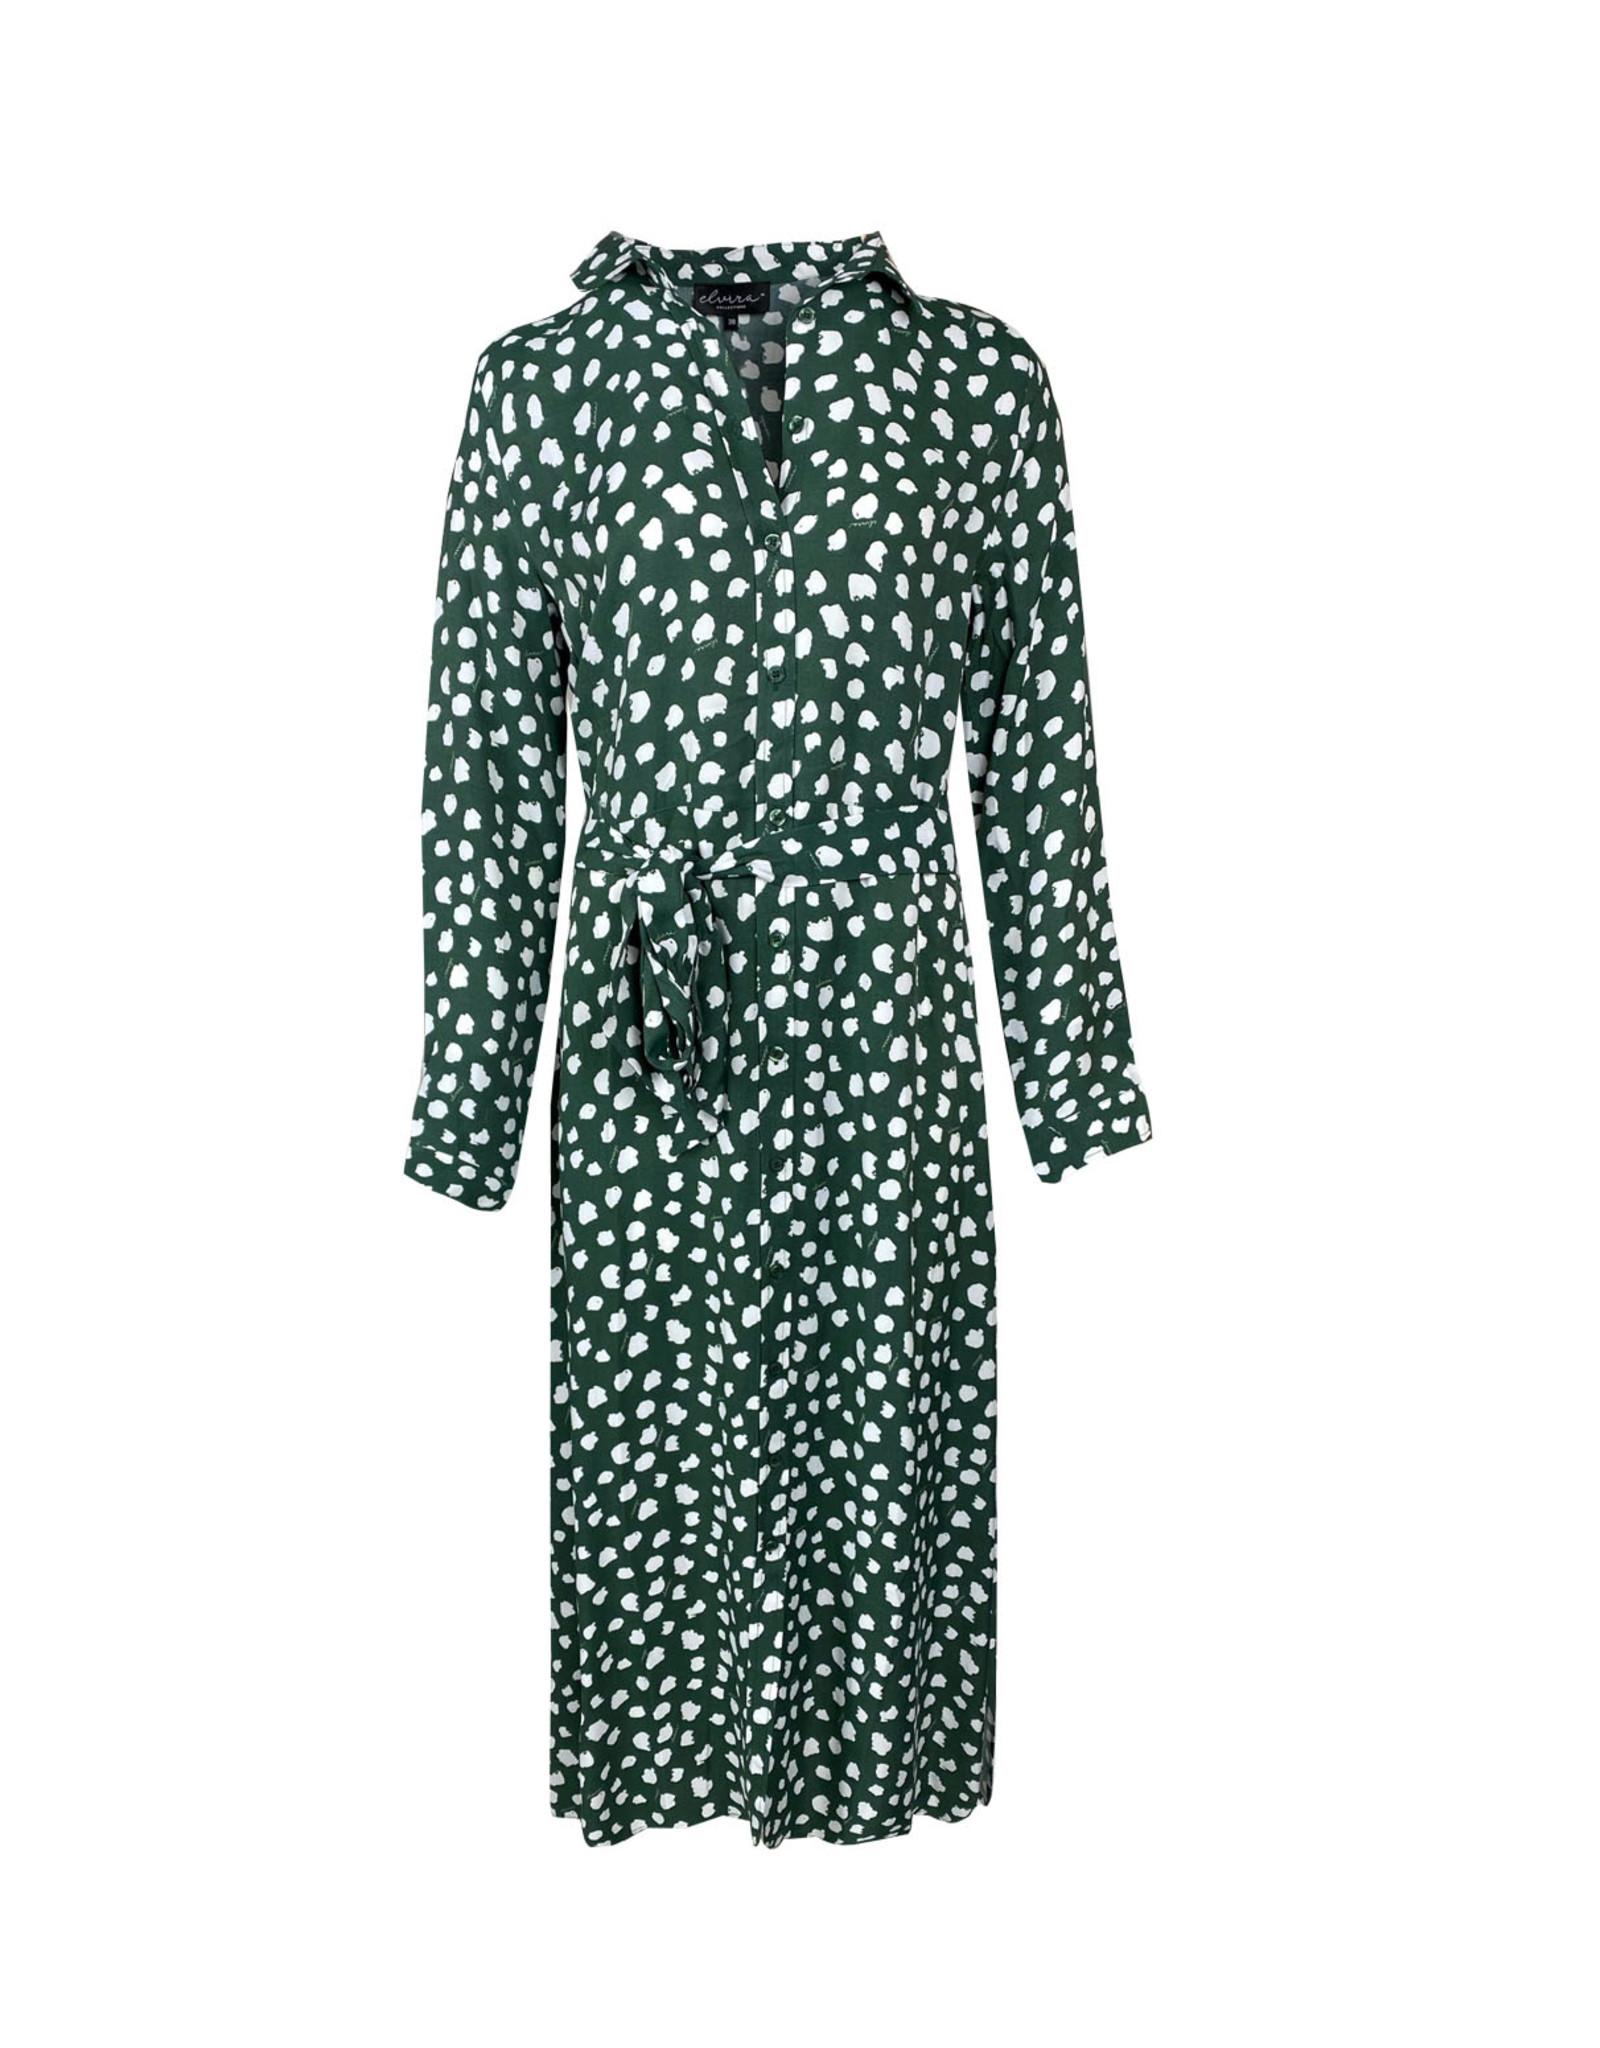 Elvira Elvira Dress Lina Dot Green E1 21-040